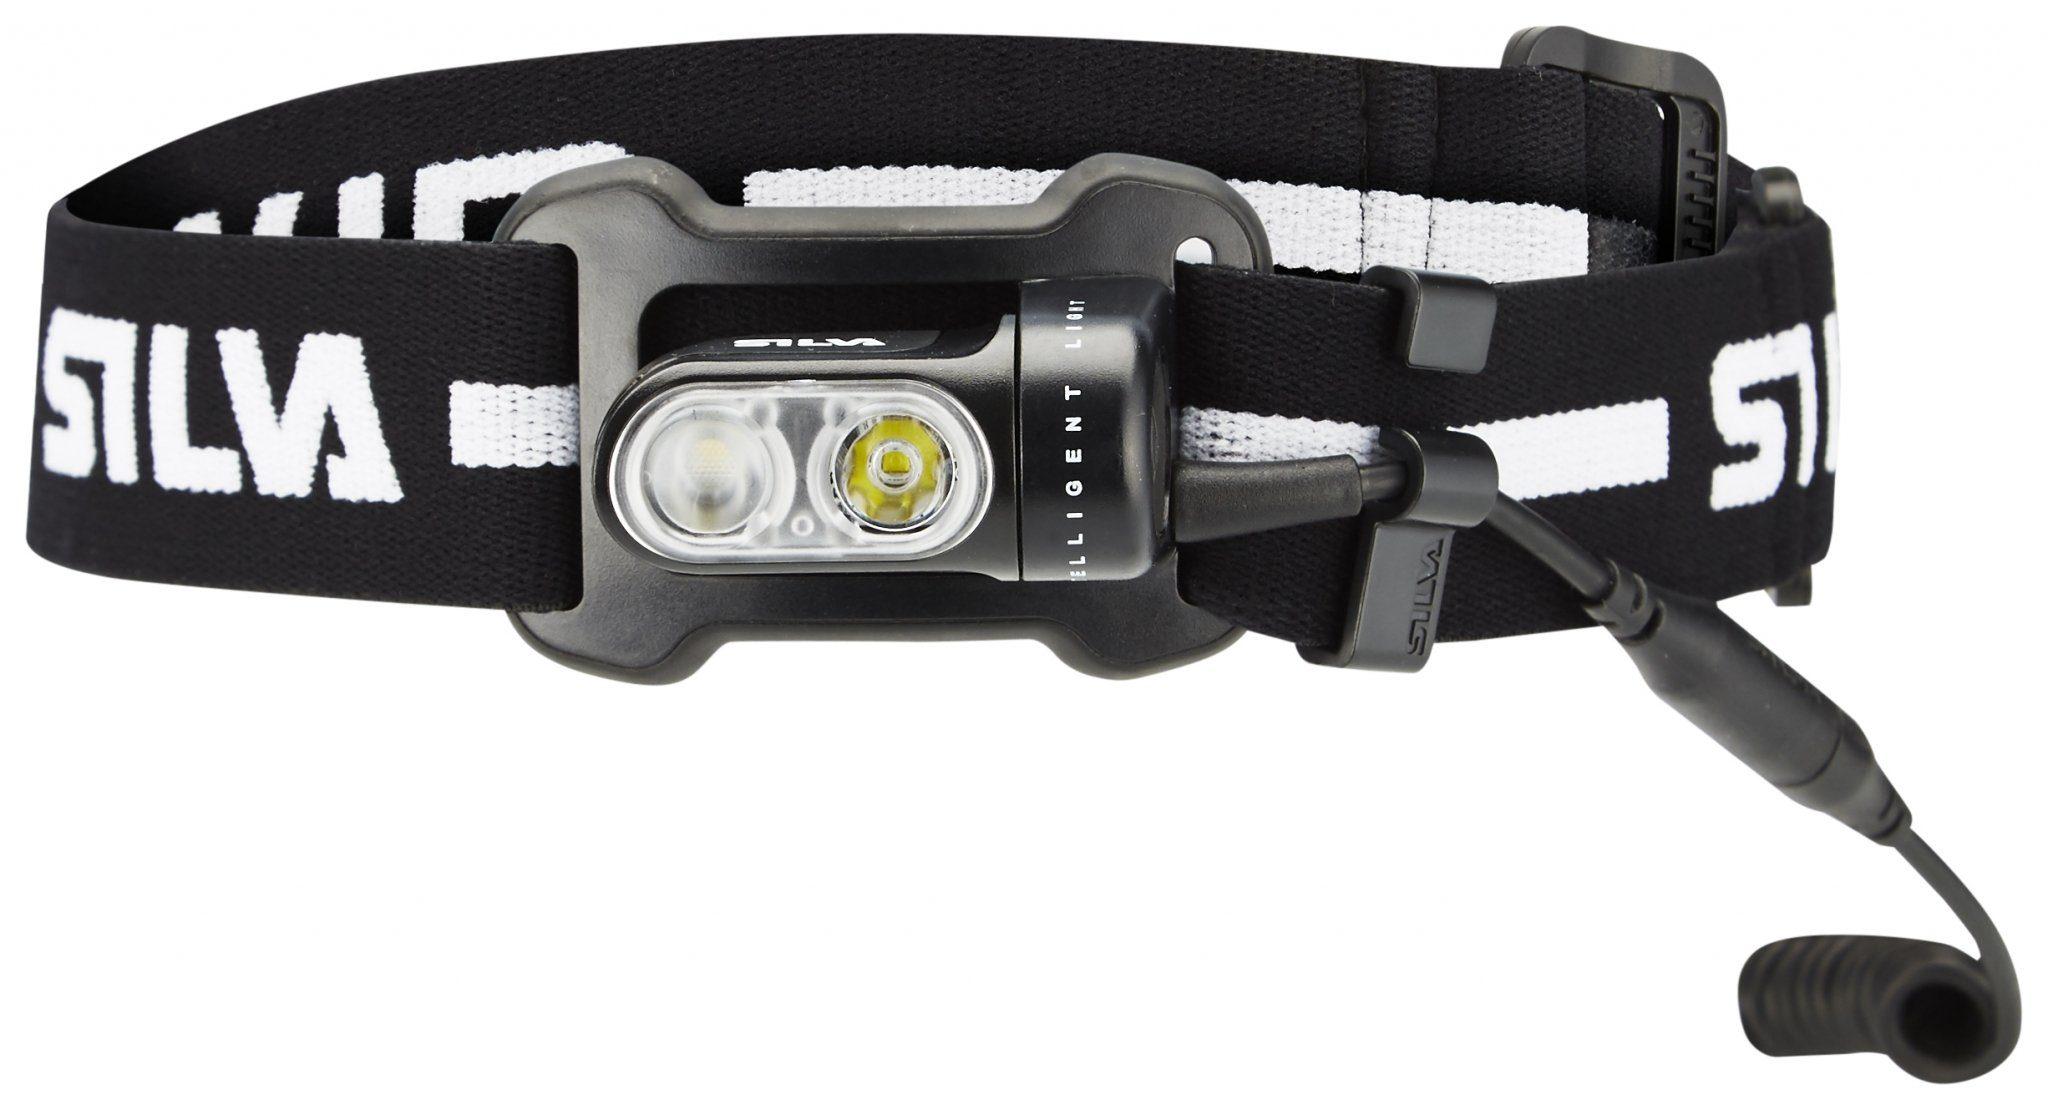 Silva Camping-Beleuchtung »Trail Runner 2X Headlamp«